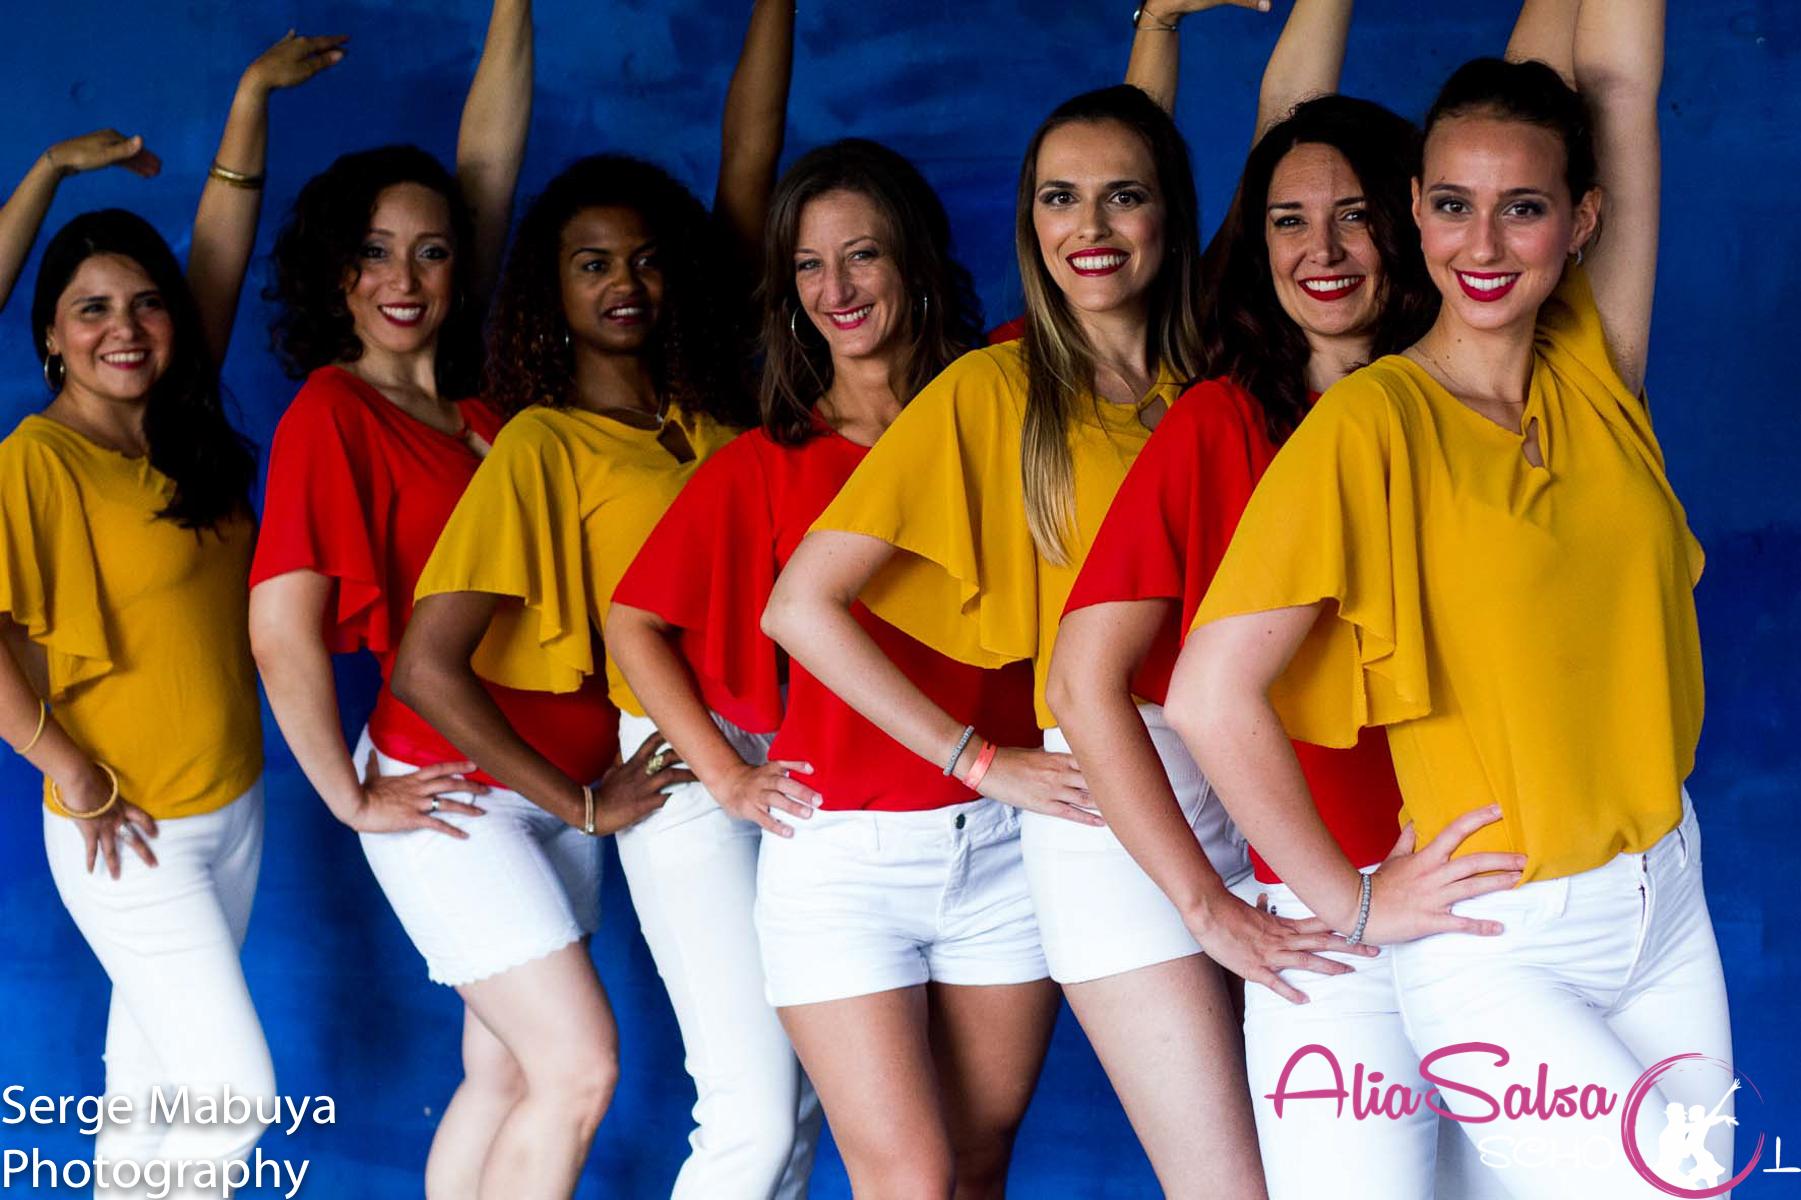 ecole de danse salsa bachata enfant adulte lausanne aliasalsa school lausanneimg_9398